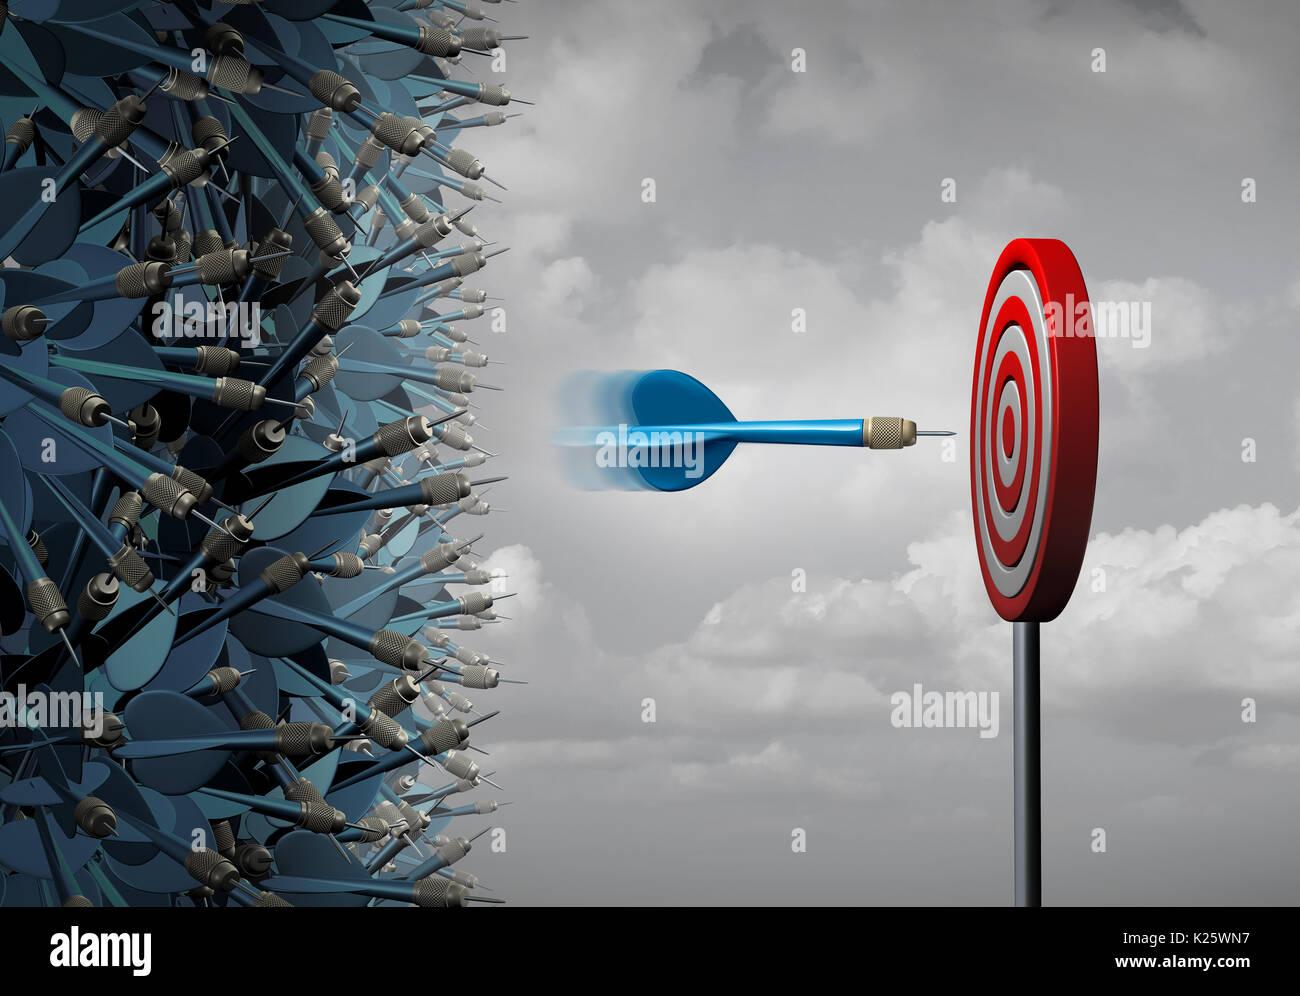 Il focus aziendale il successo come un gruppo di perso freccette e un esperto dart si è focalizzato su un obiettivo di destinazione come una precisa determinazione metafora. Immagini Stock